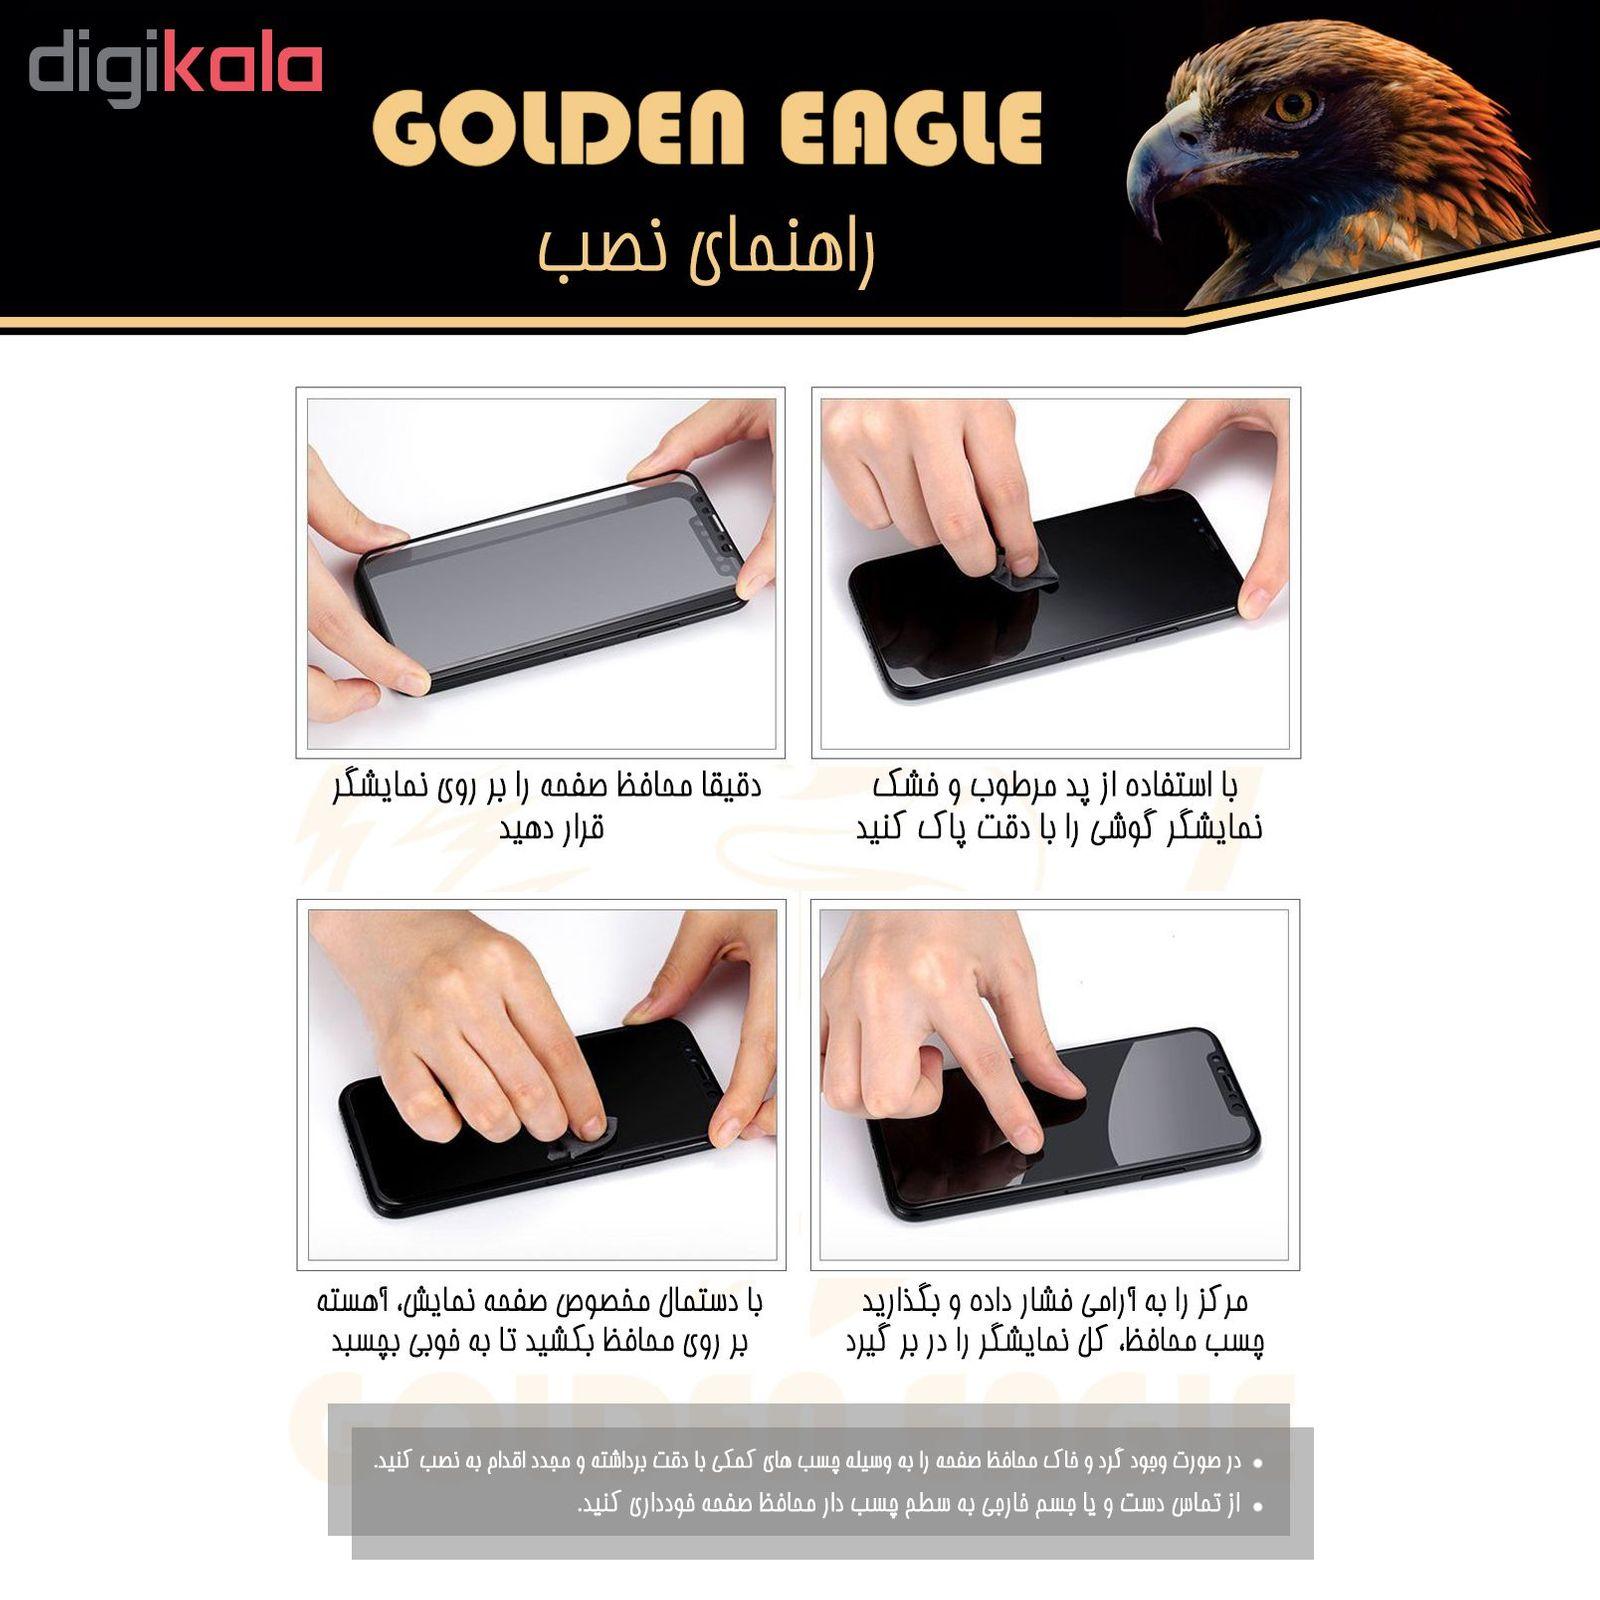 محافظ صفحه نمایش گلدن ایگل مدل DFC-X1 مناسب برای گوشی موبایل اپل iPhone SE main 1 5